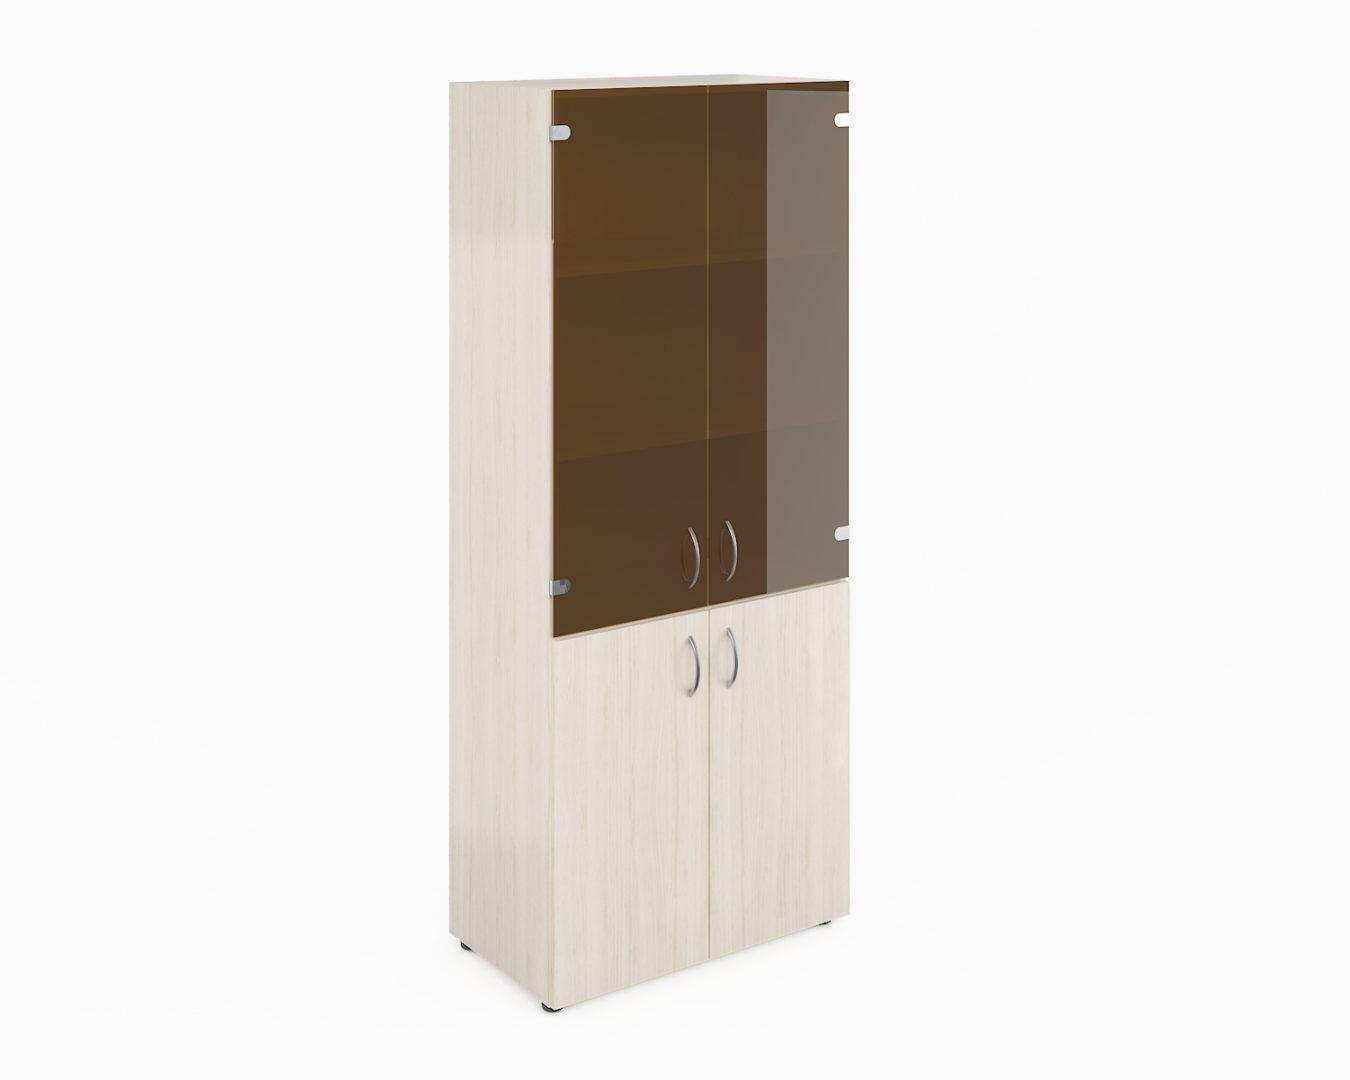 Шкаф широкий высокий со стеклом (без топа) ФР-6.0+8.0+51.0*2+8.3*2